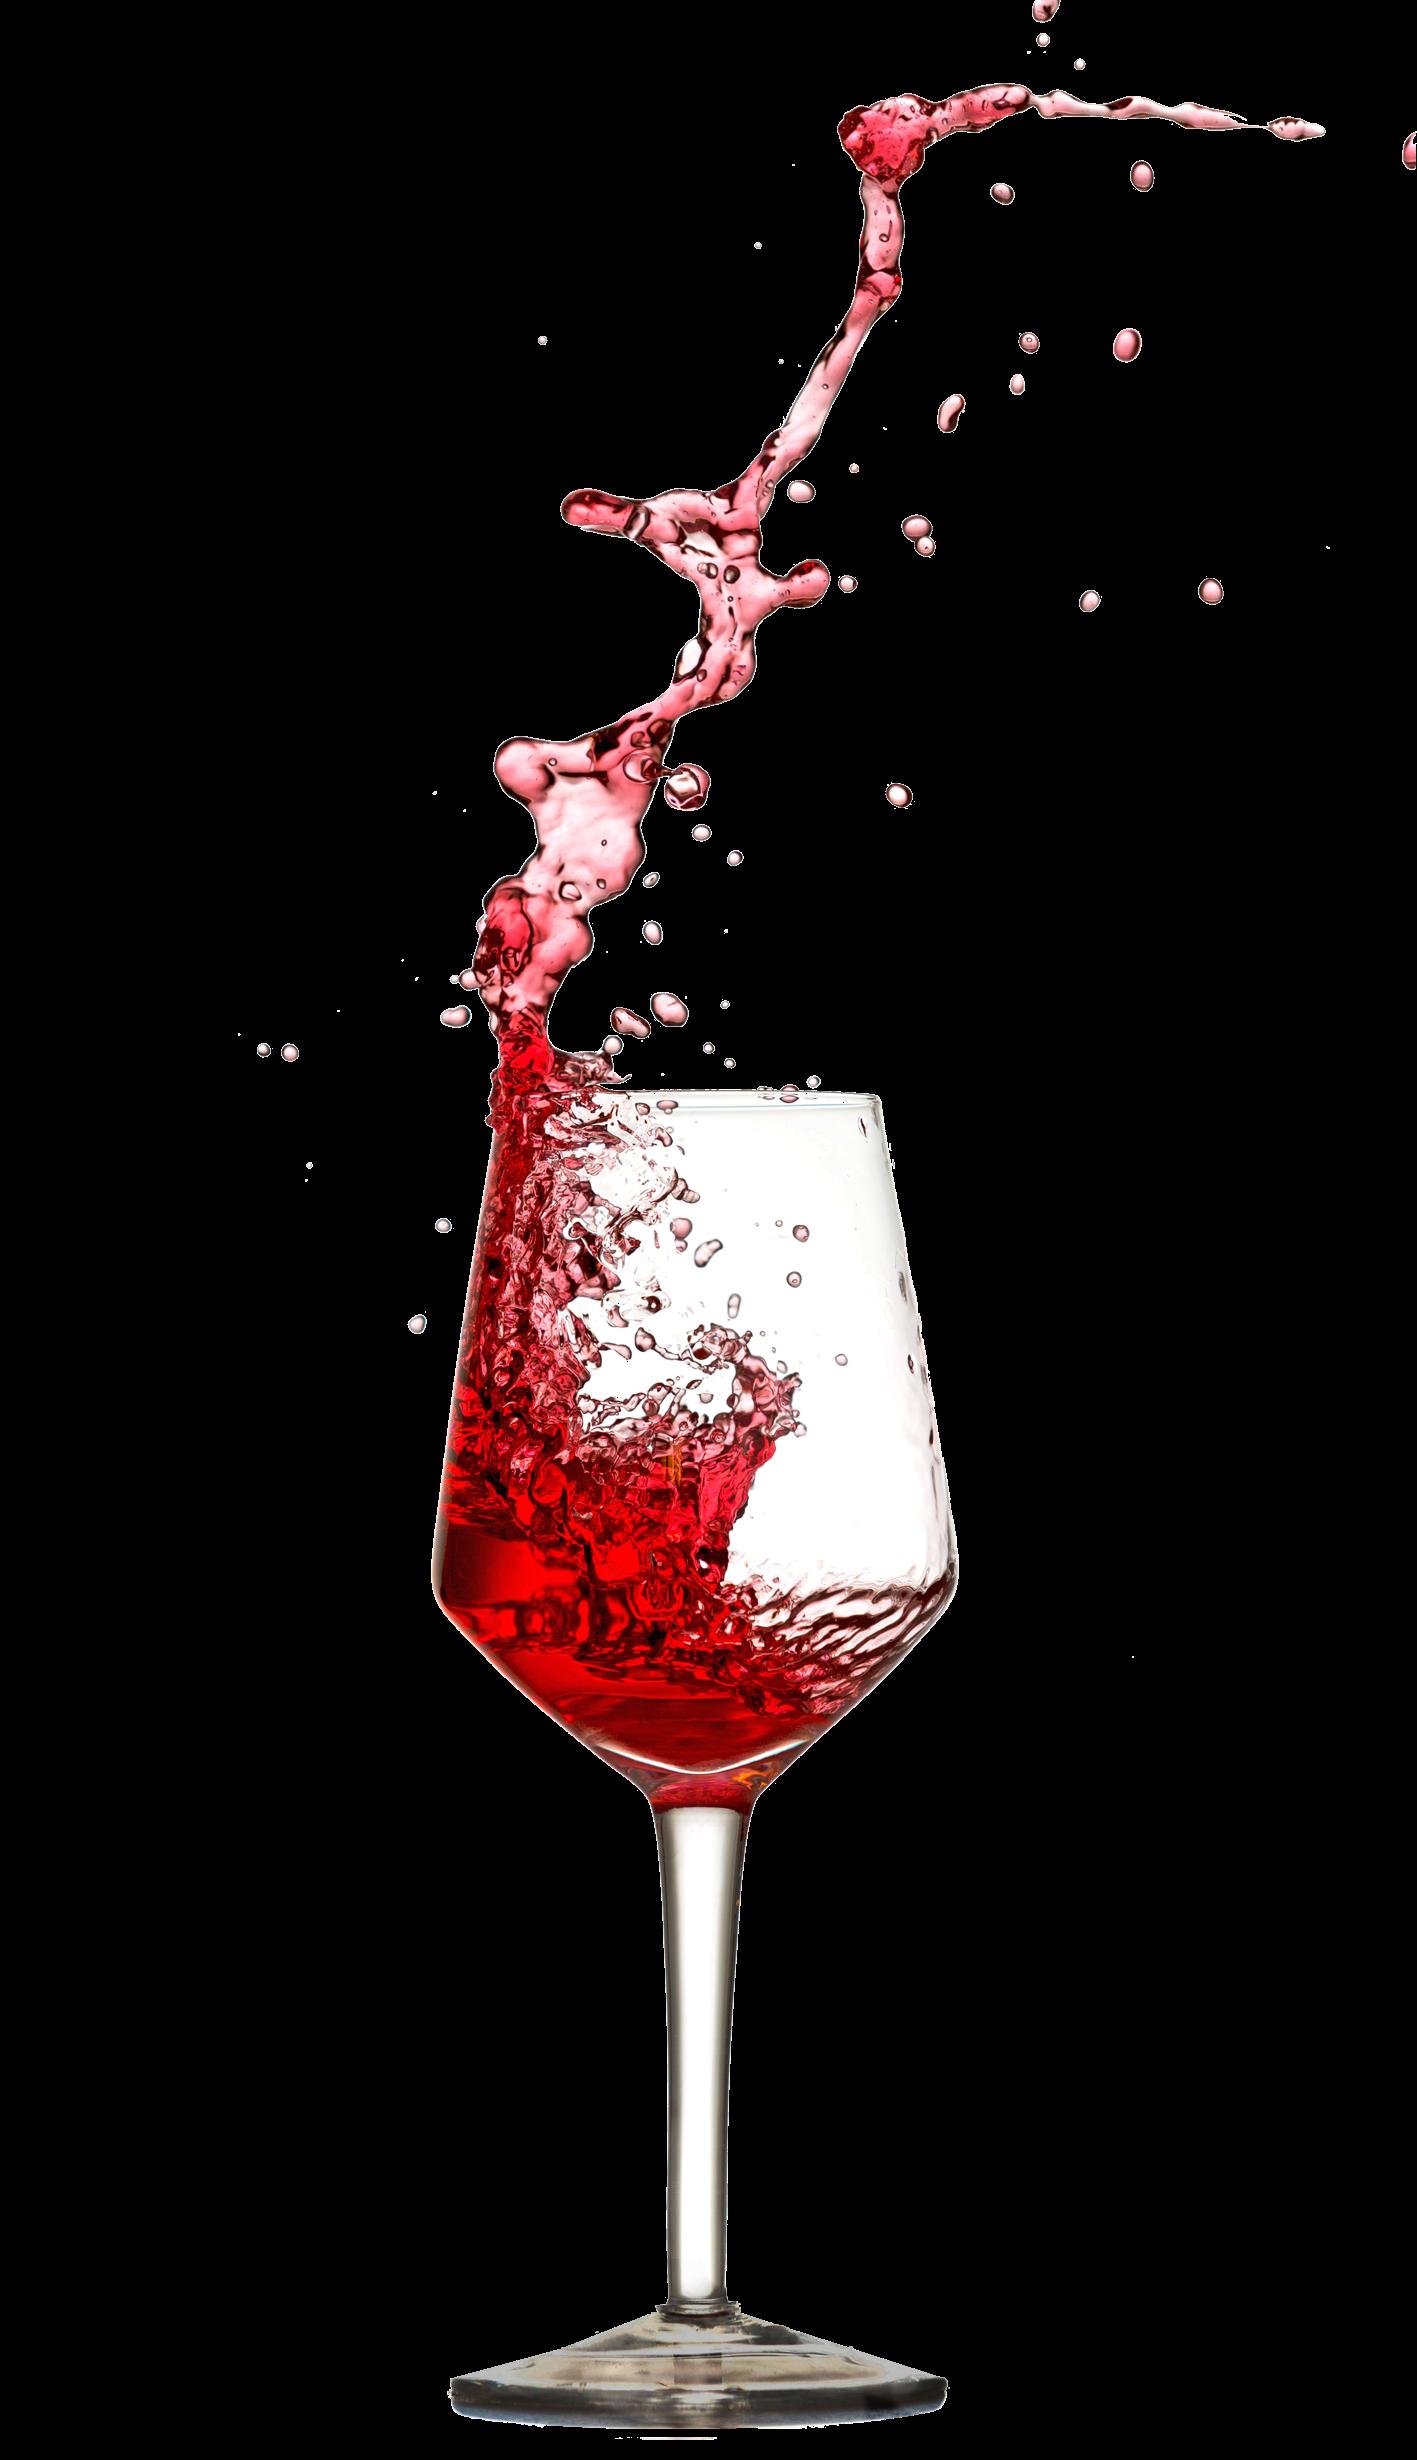 vin-drikkevarer-alkohol-catering